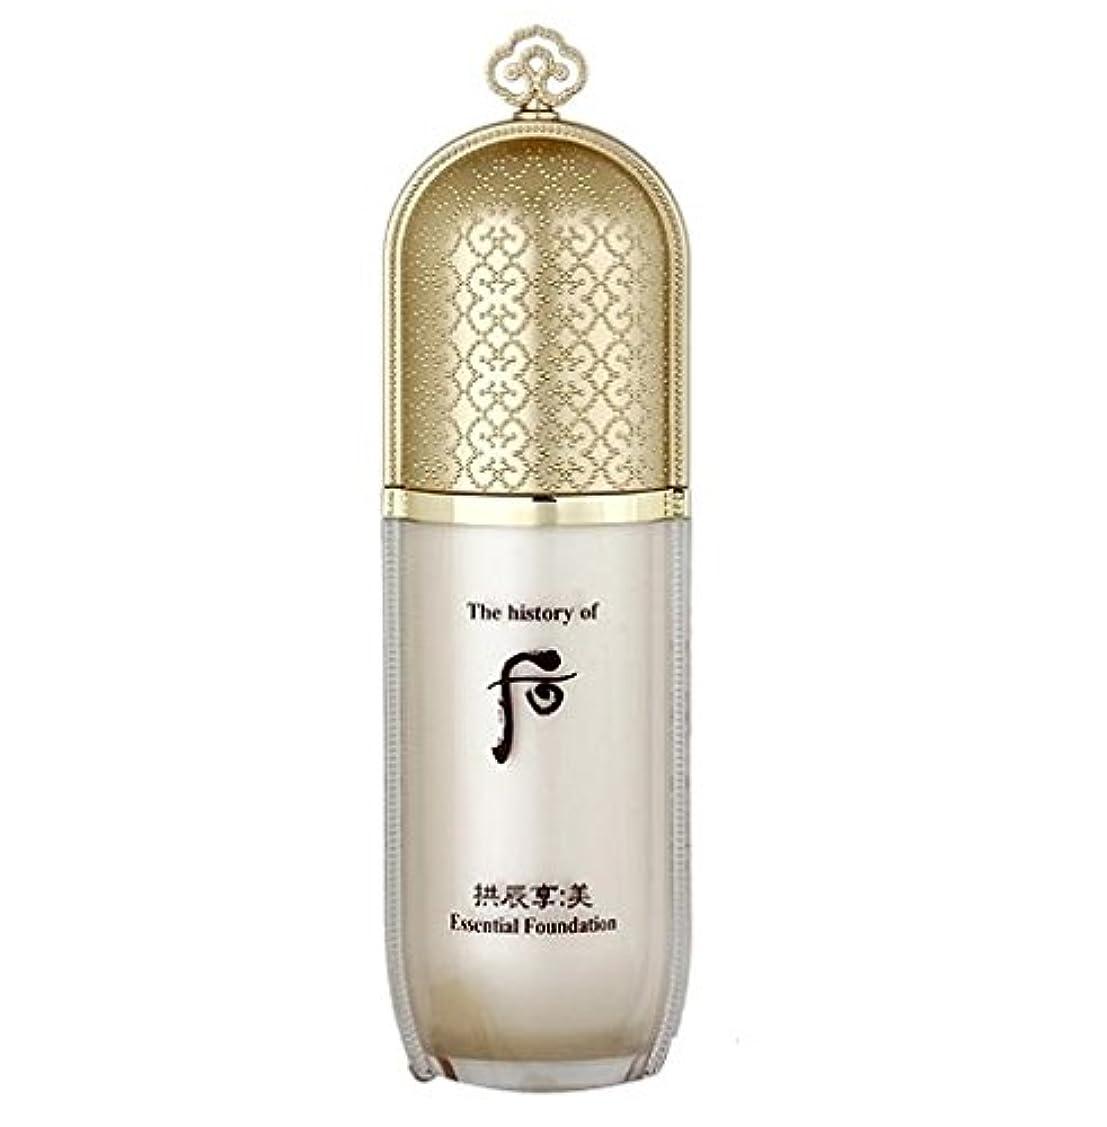 解説違反愛情深いThe history of Whoo Gongjinhyang Mi Essential Foundation #2 40ml K-beauty[並行輸入品]